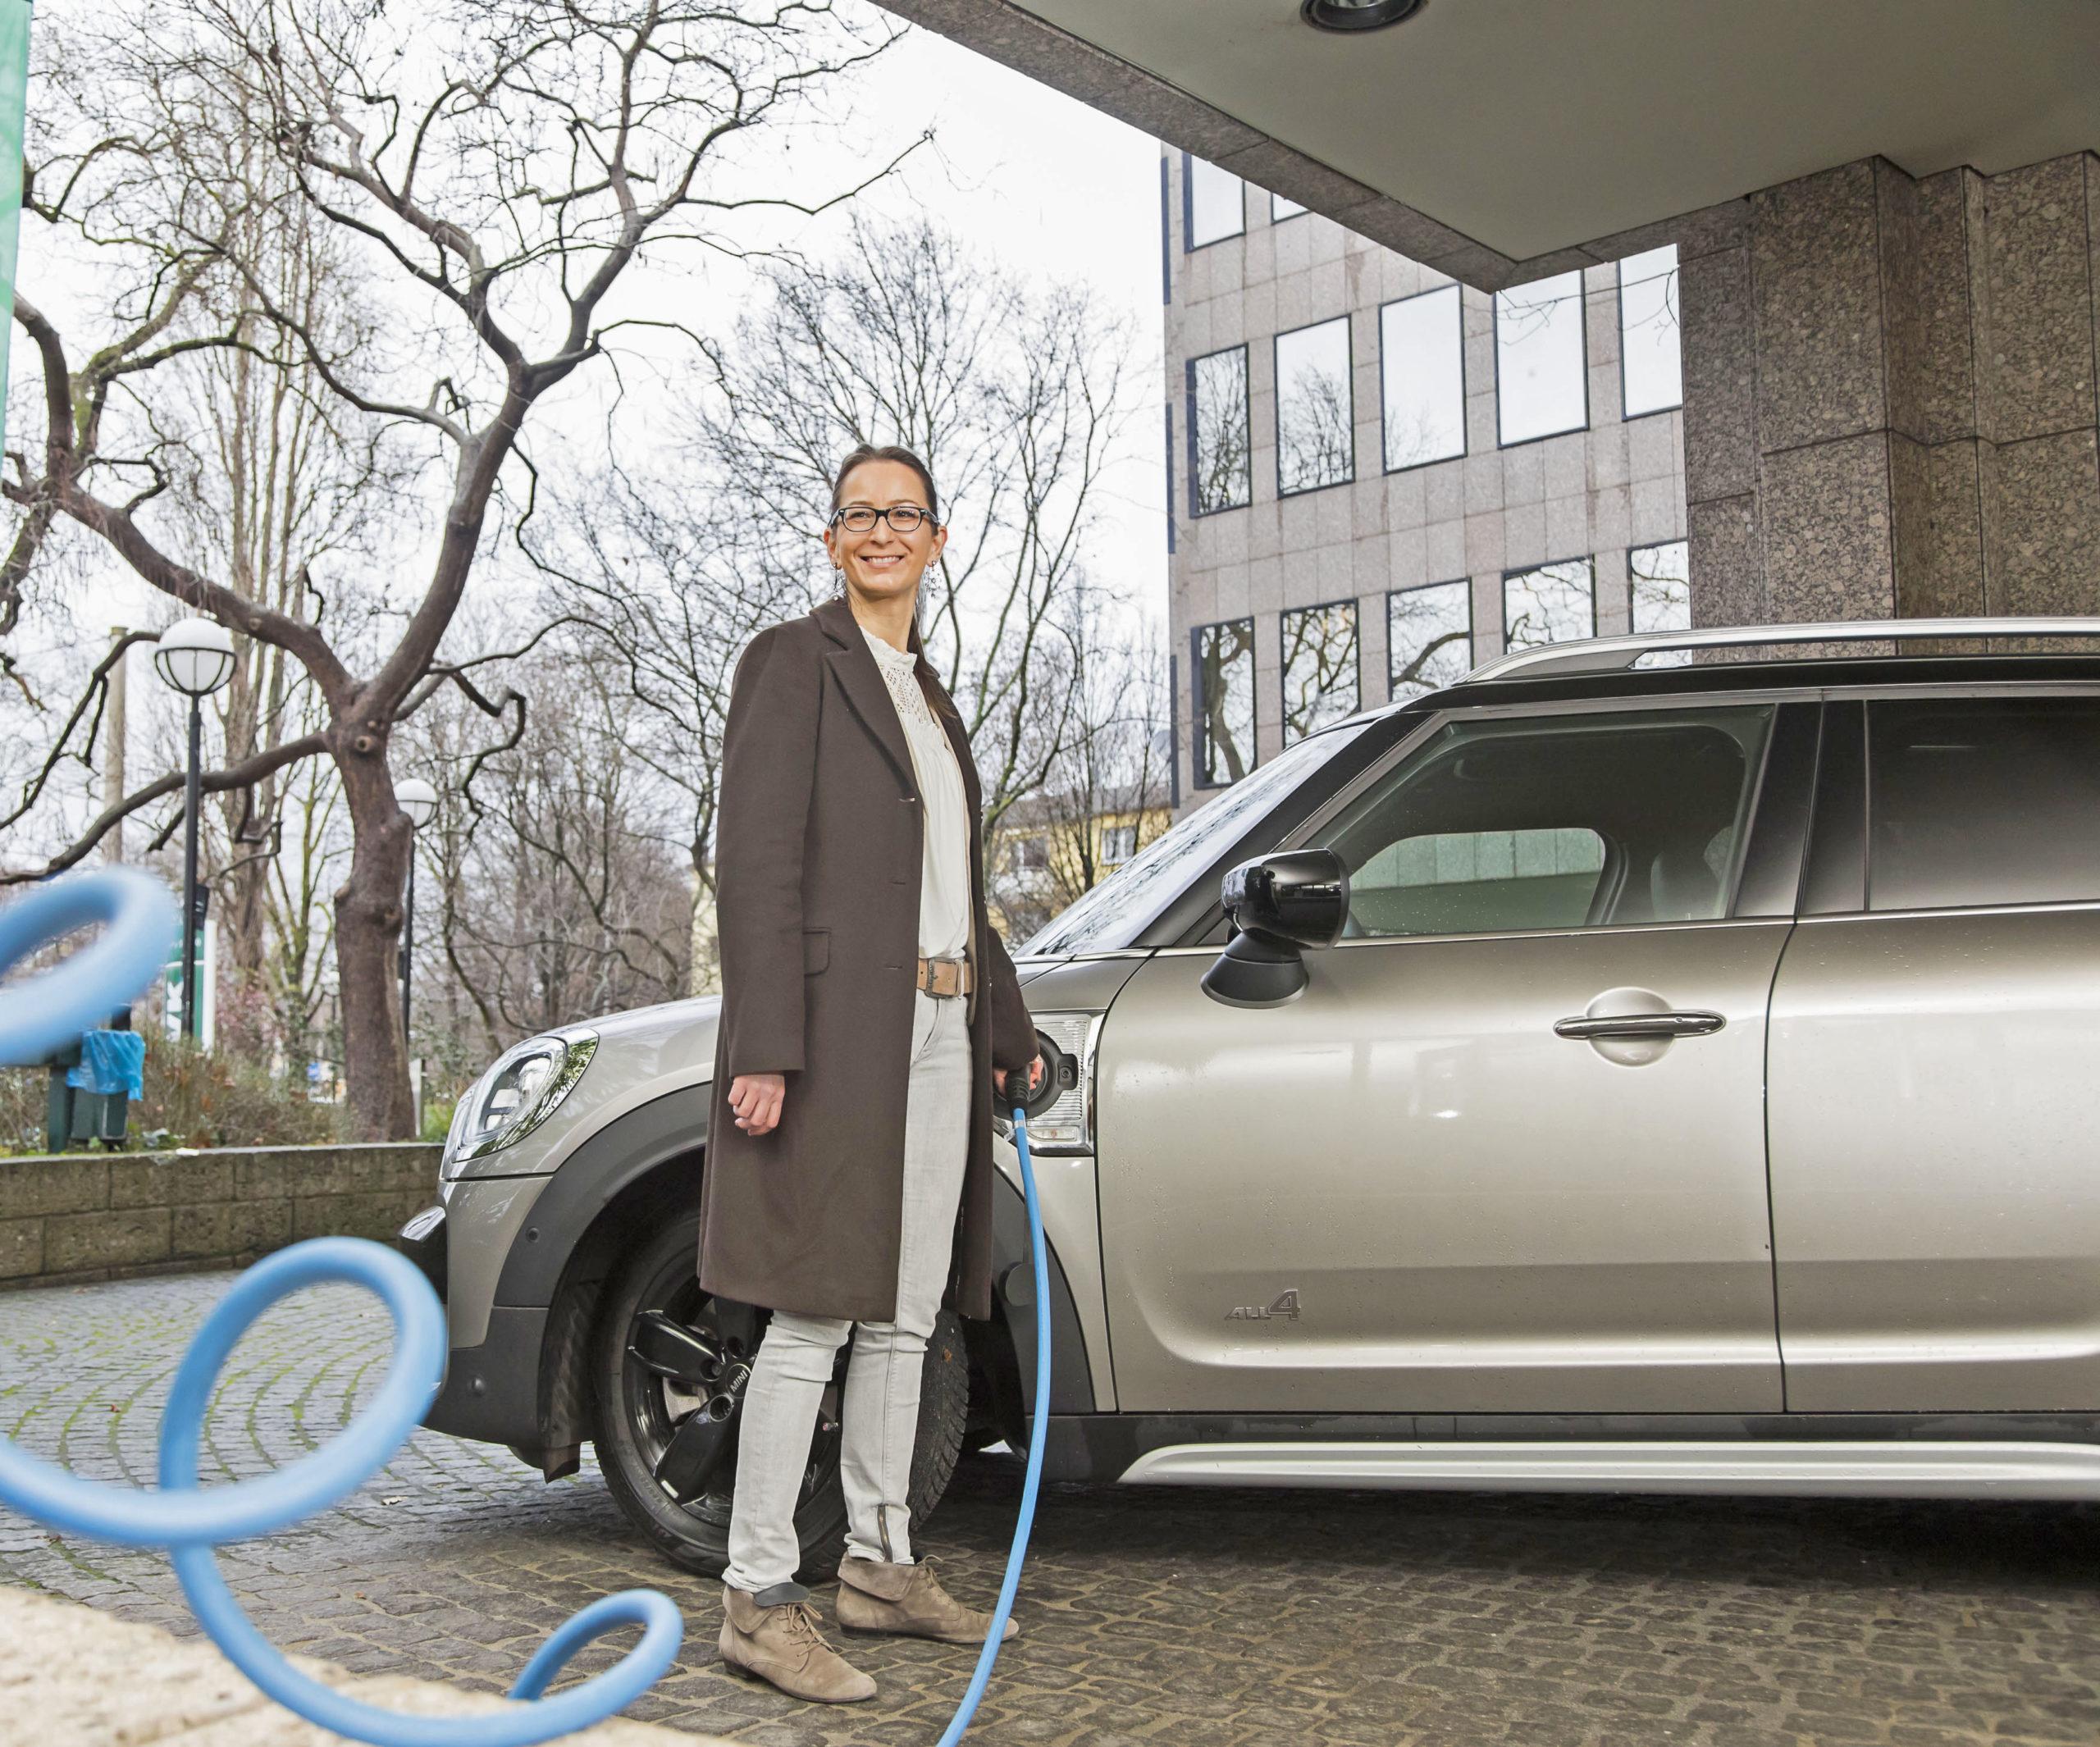 Das sollte man beim Einstieg in die Elektromobilität wissen